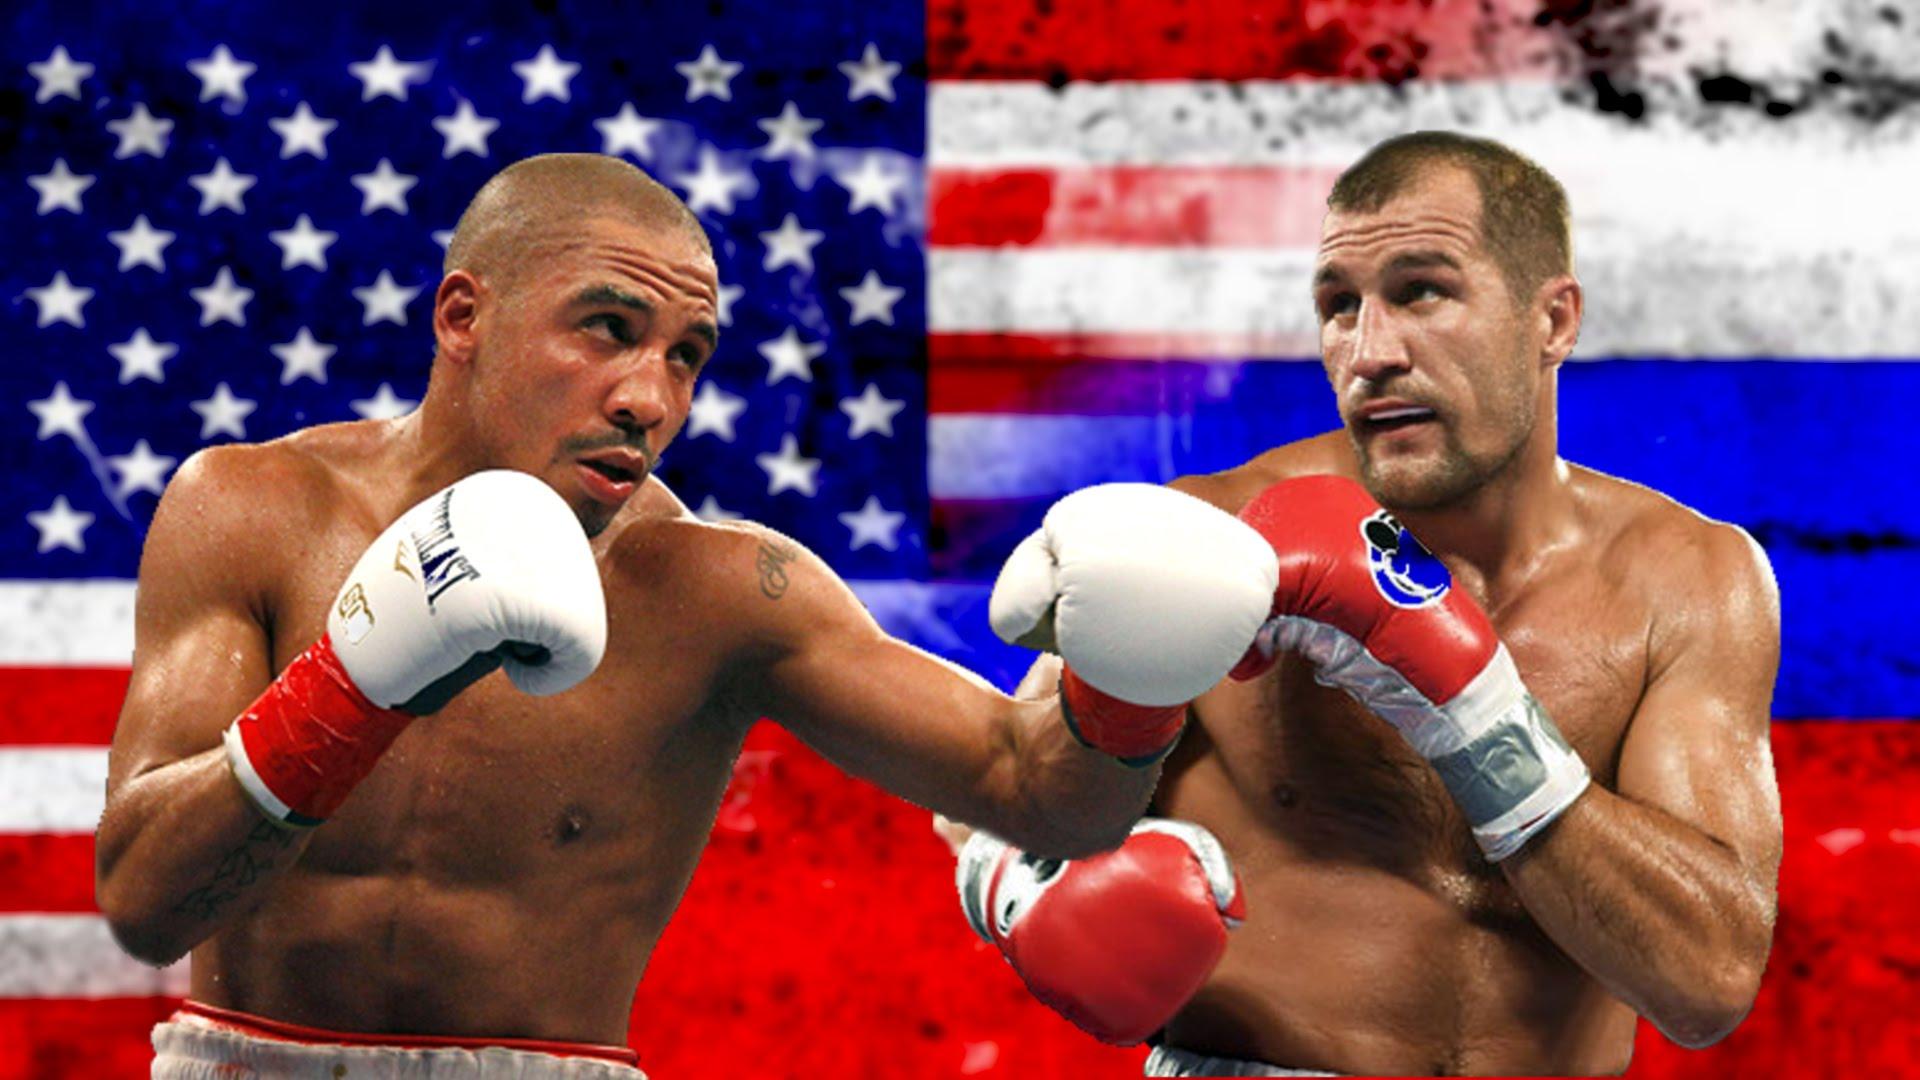 Андре Уорд оценивает свои шансы в бою с Сергеем Ковалевым 50 на 50 (1)